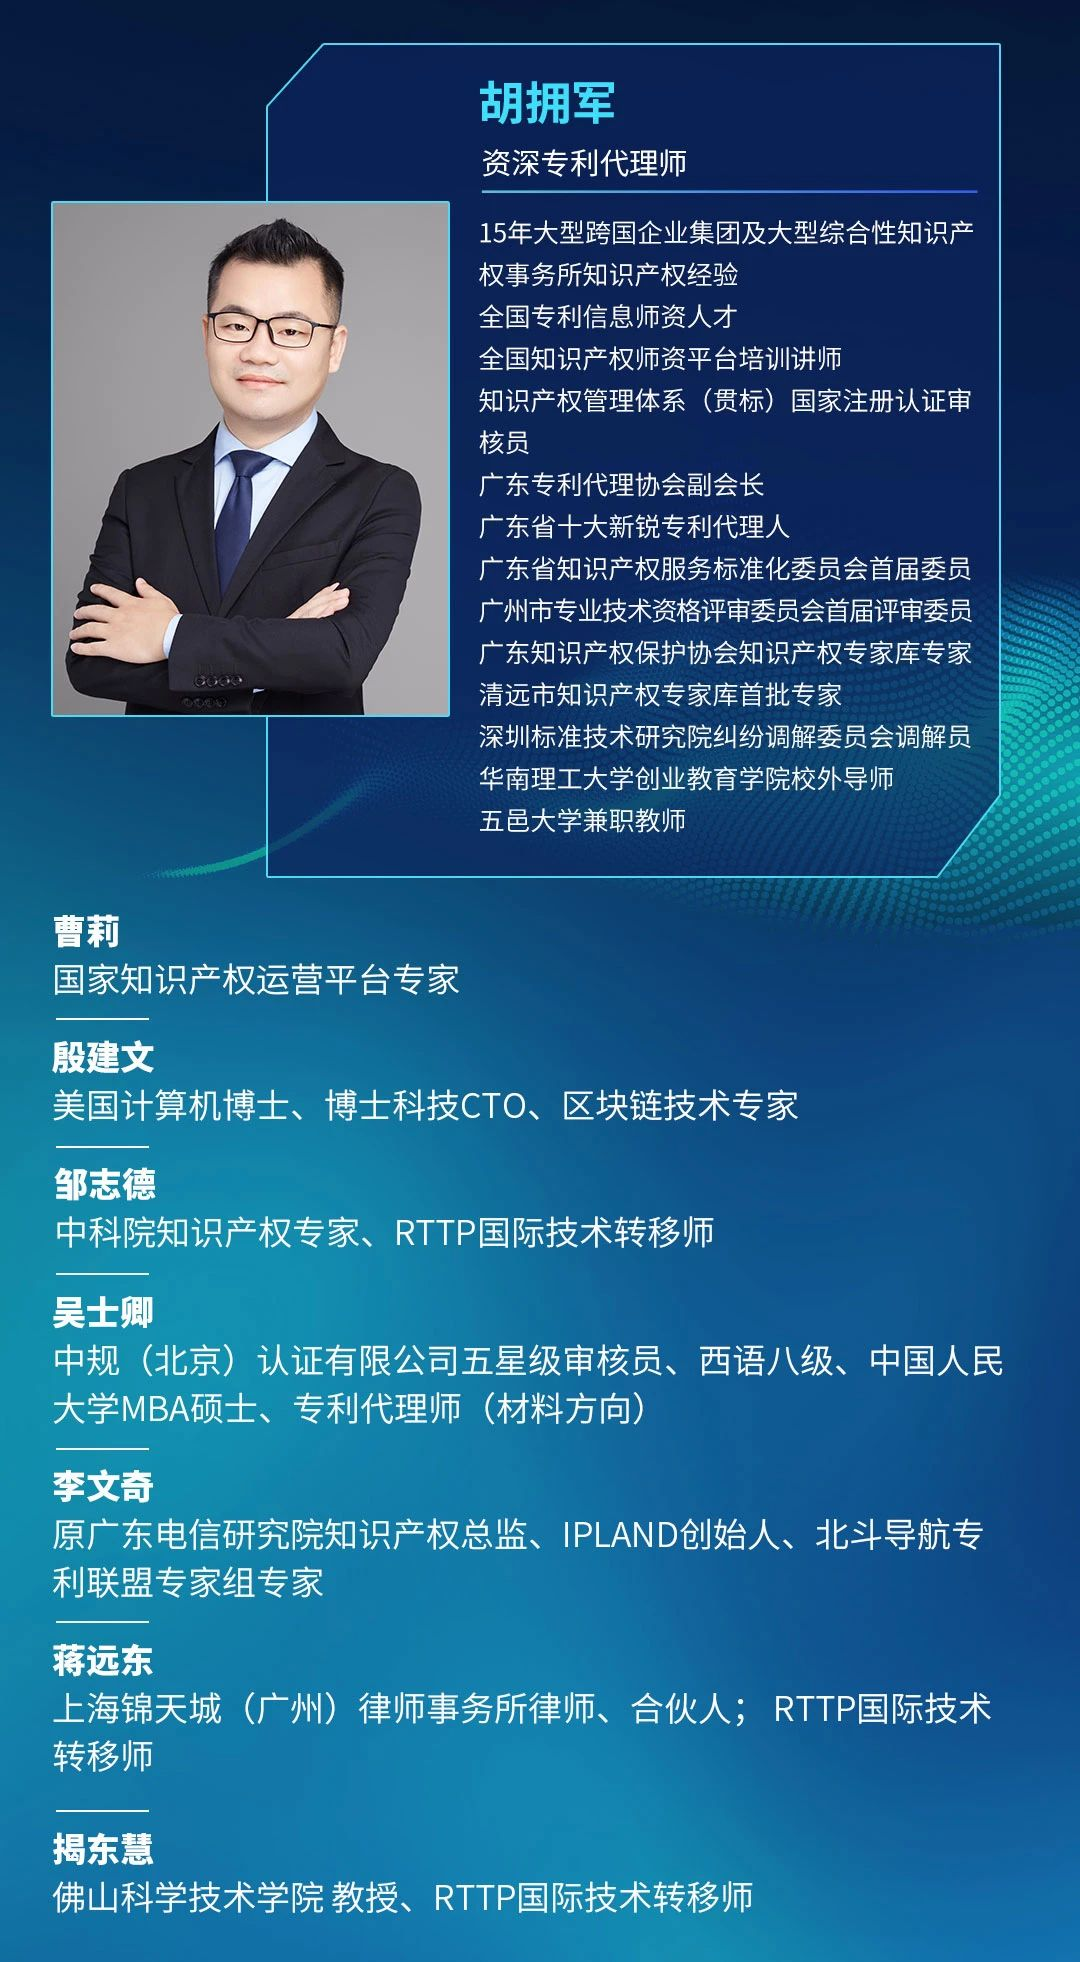 10月24日!初级技术转移经理人暨专利许可与技术转移培训在深圳开班!